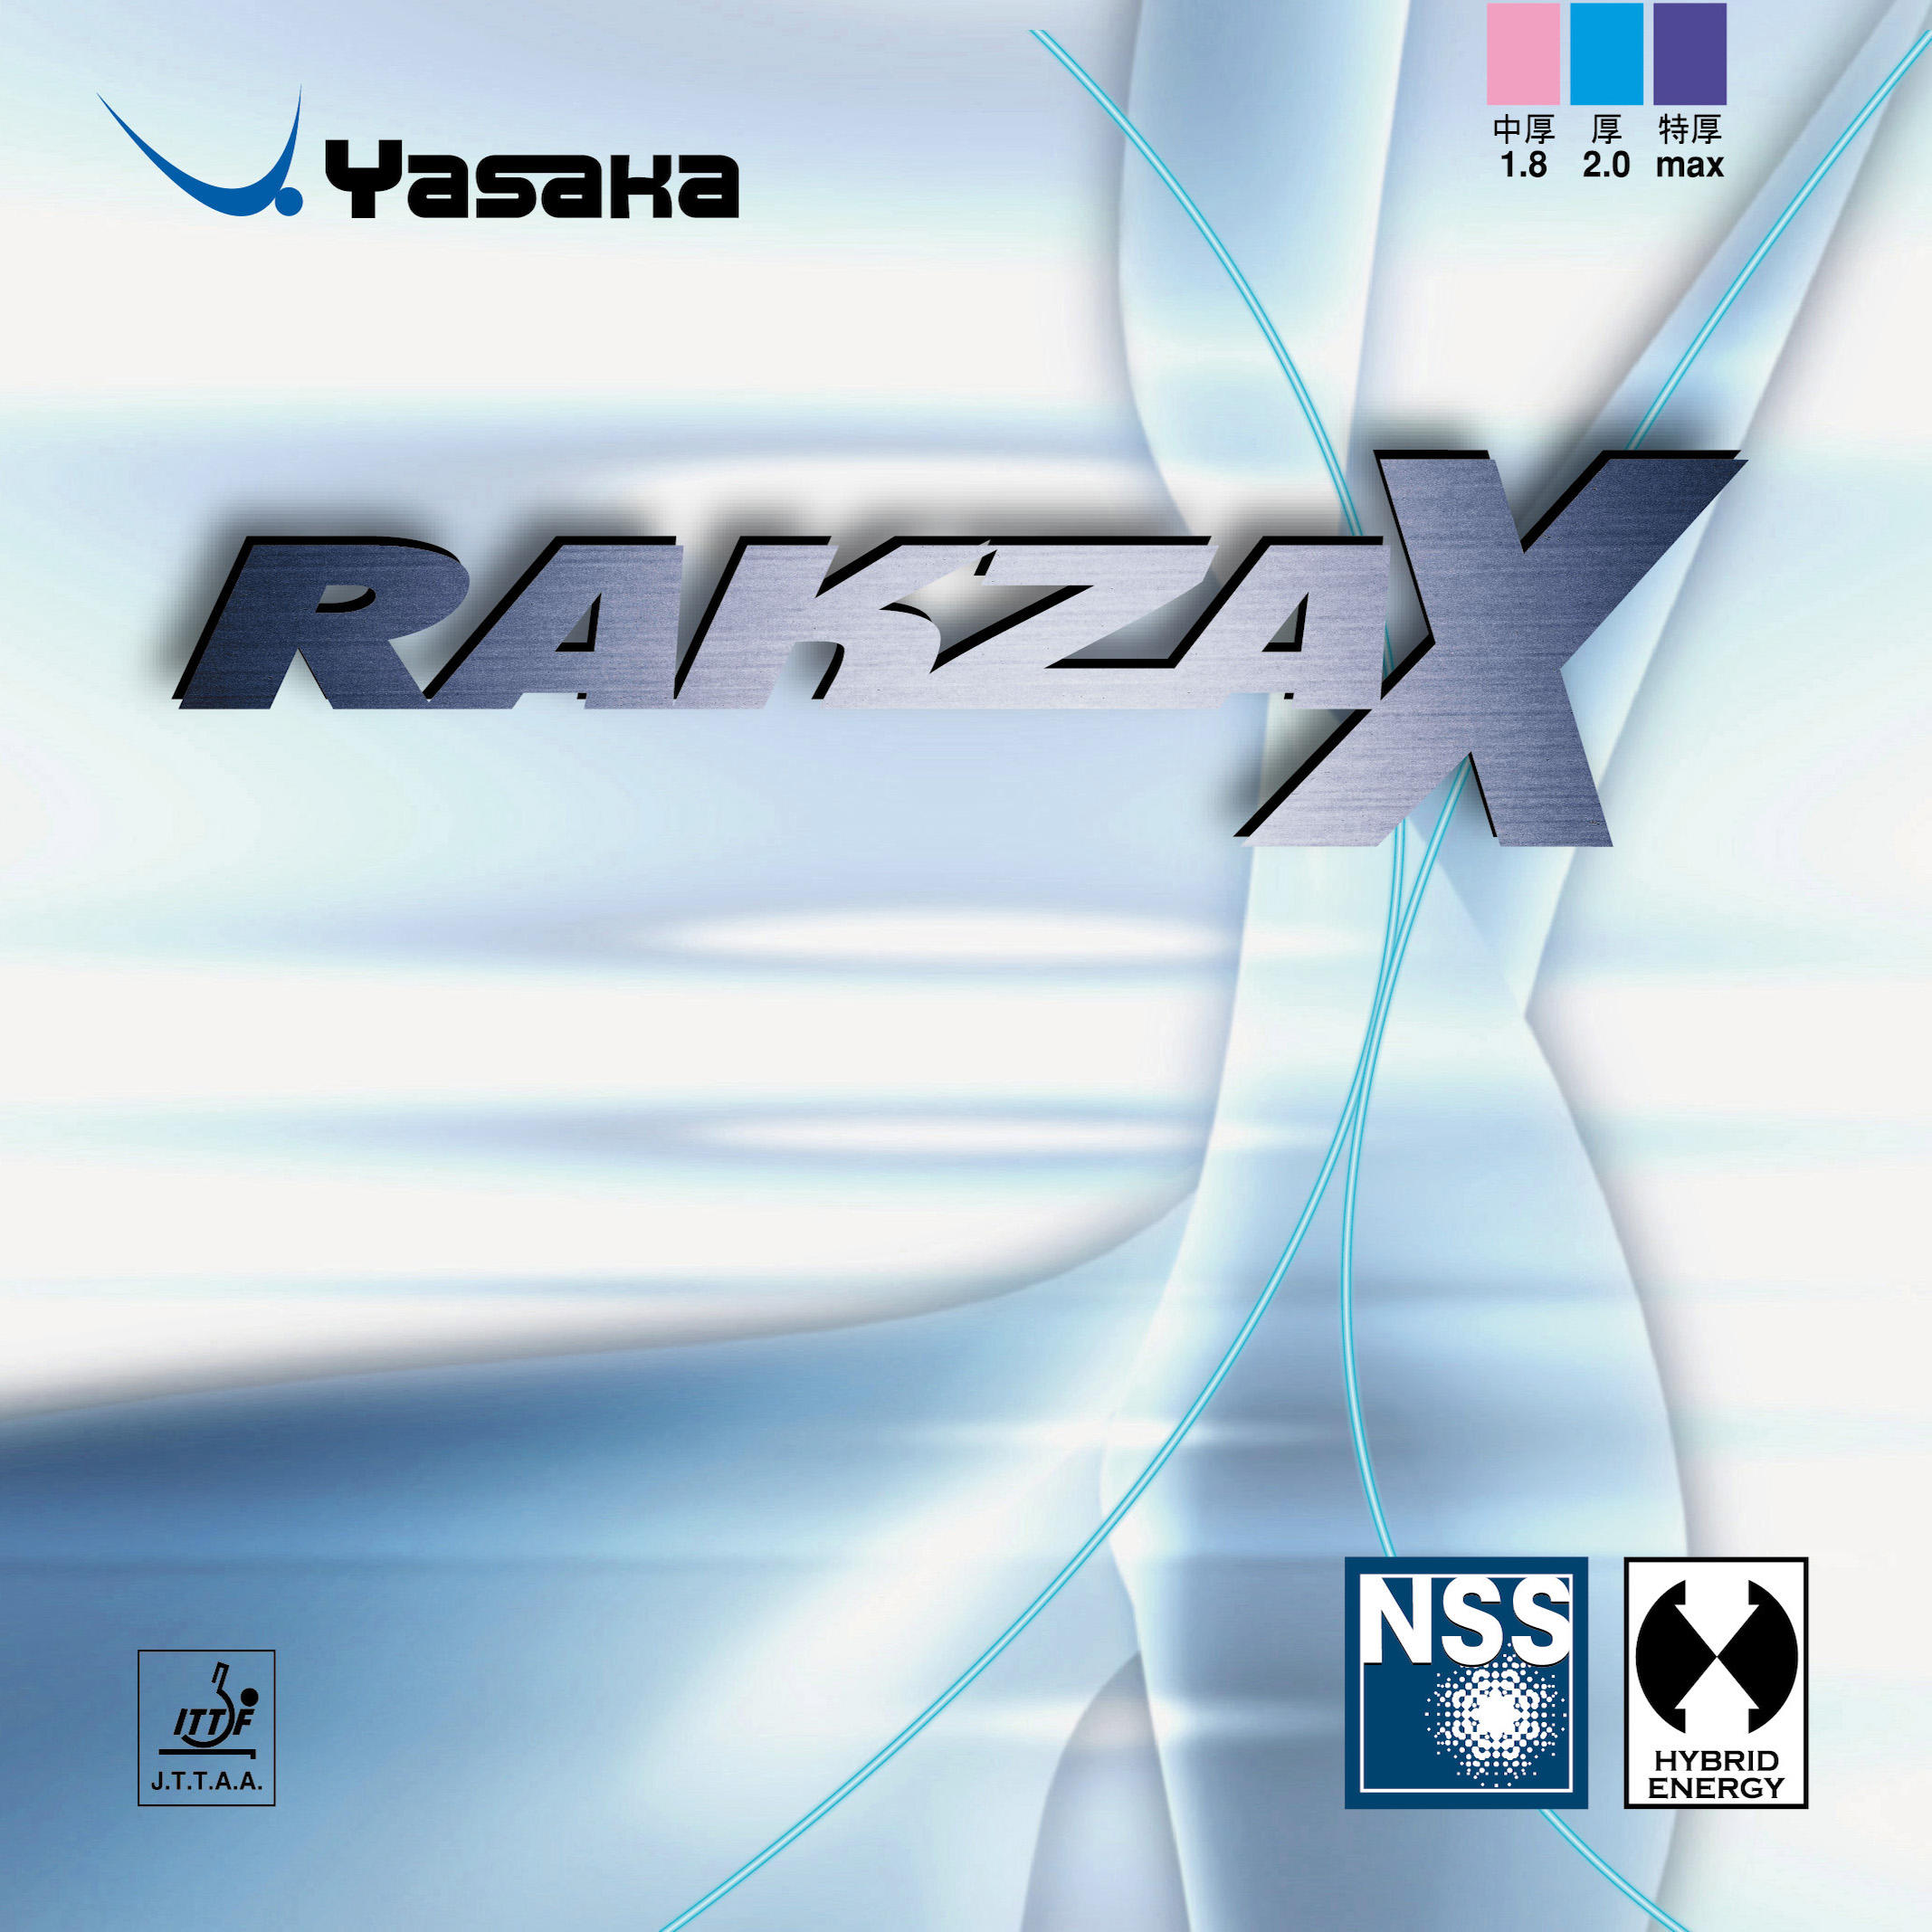 Față Rakza X YASAKA imagine